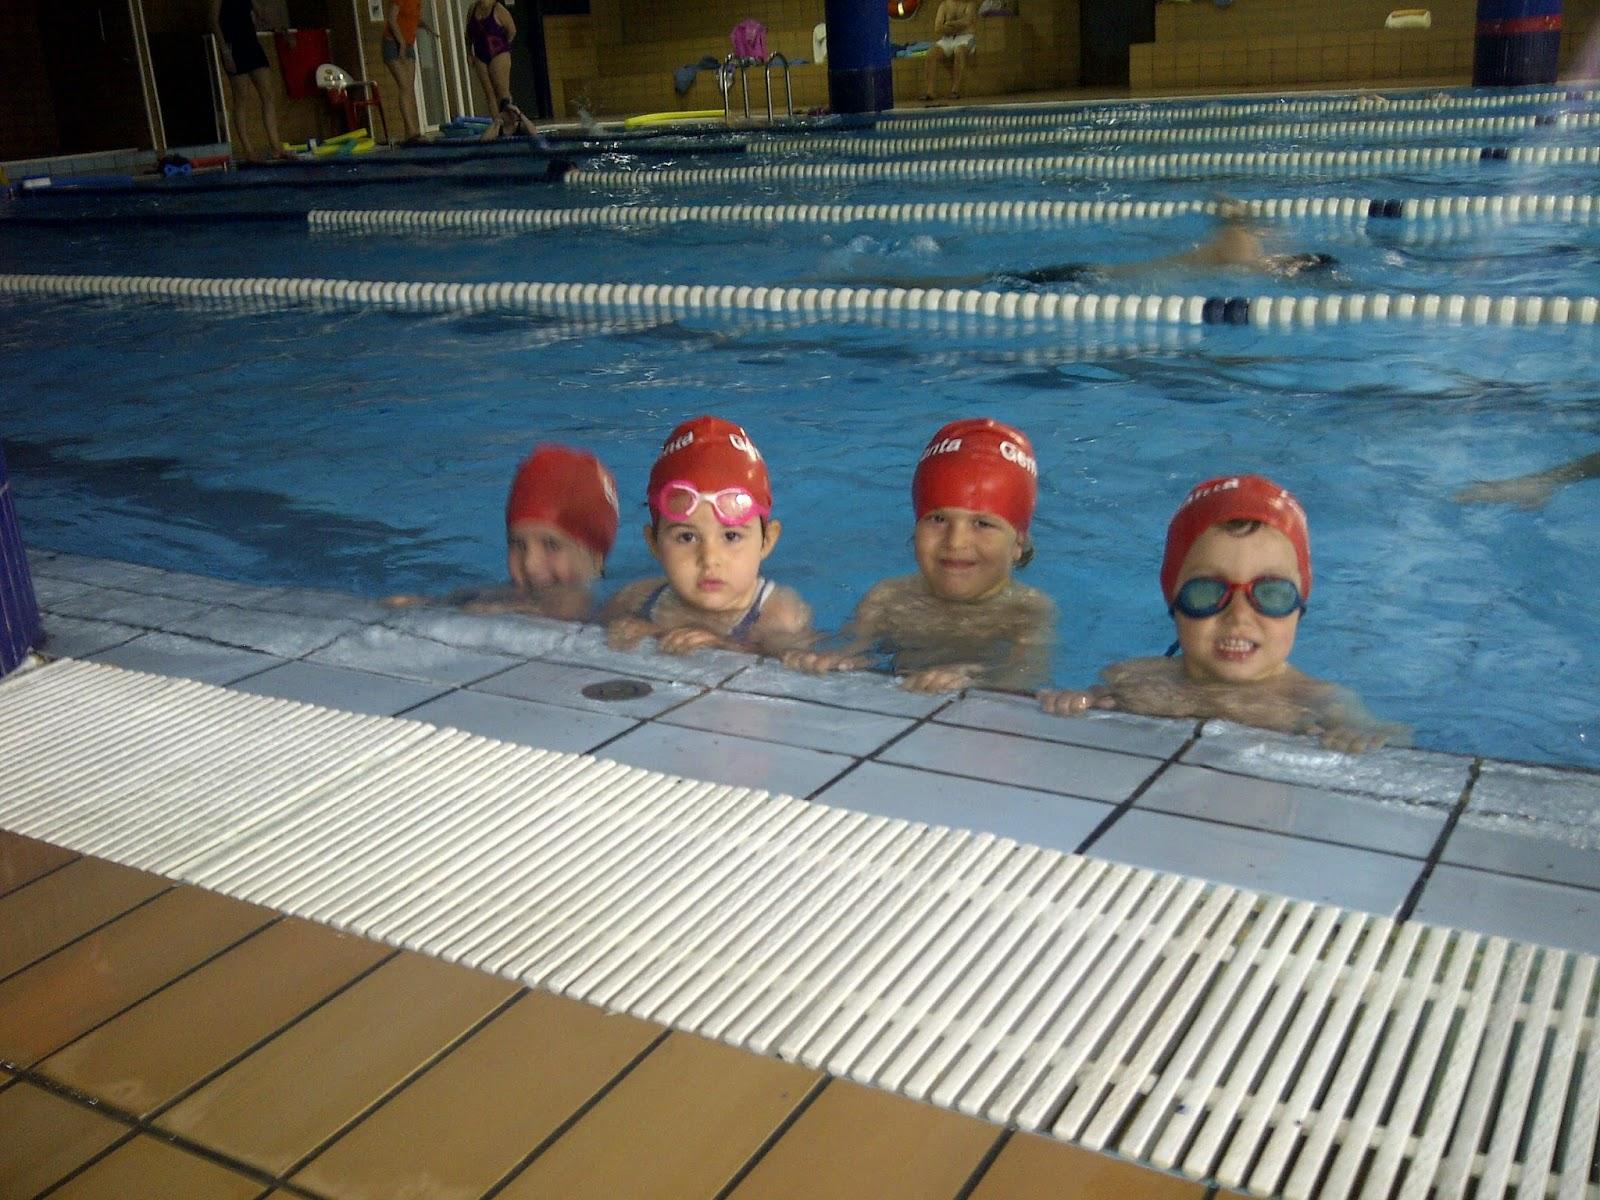 Colegio santa gema galgani educaci n infantil mayo 2014 for Bordillo piscina